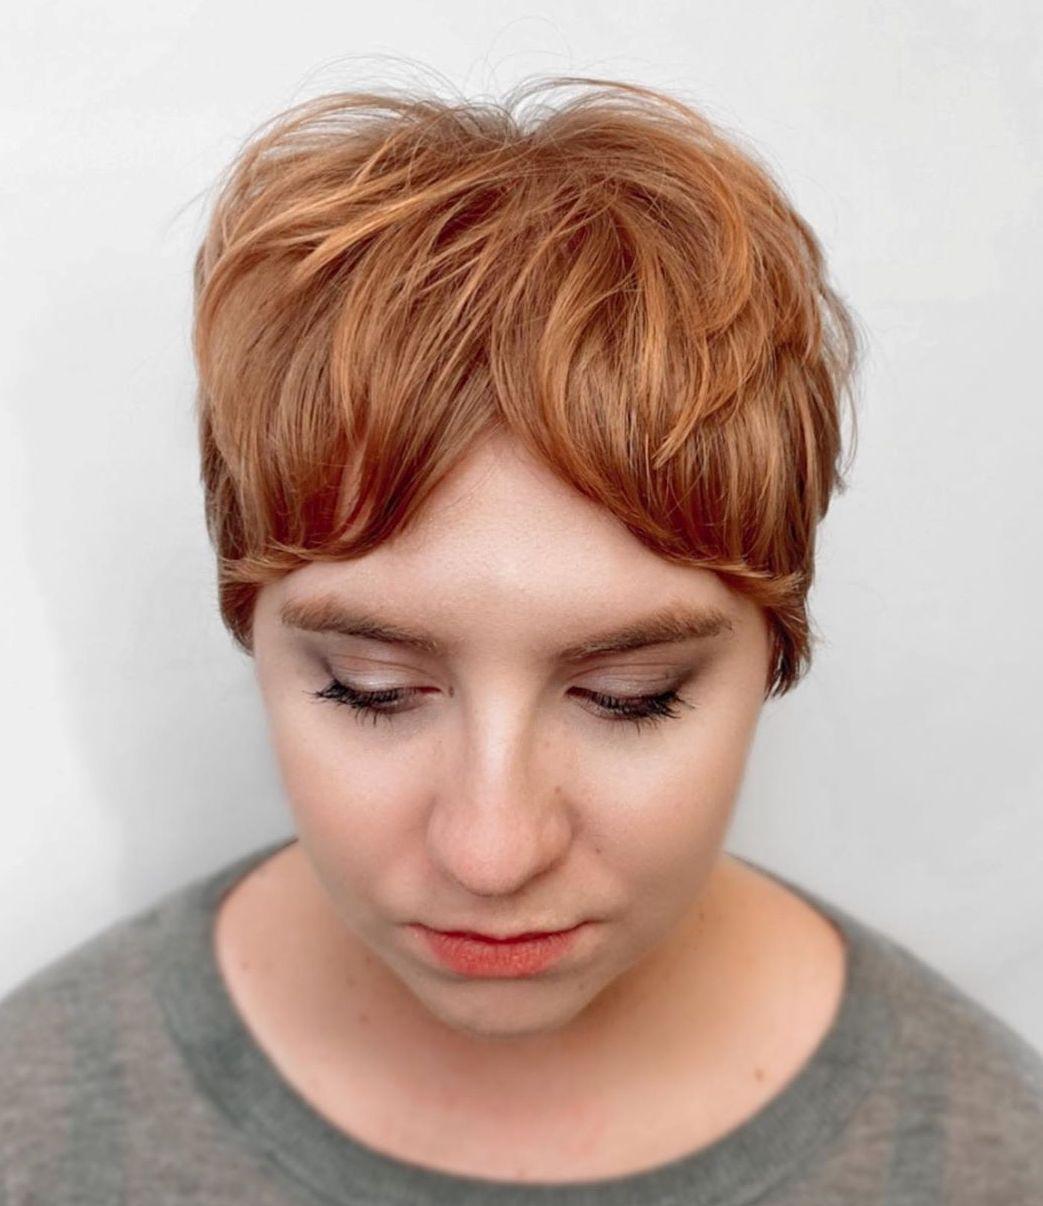 Short Hair with Curtain Bangs